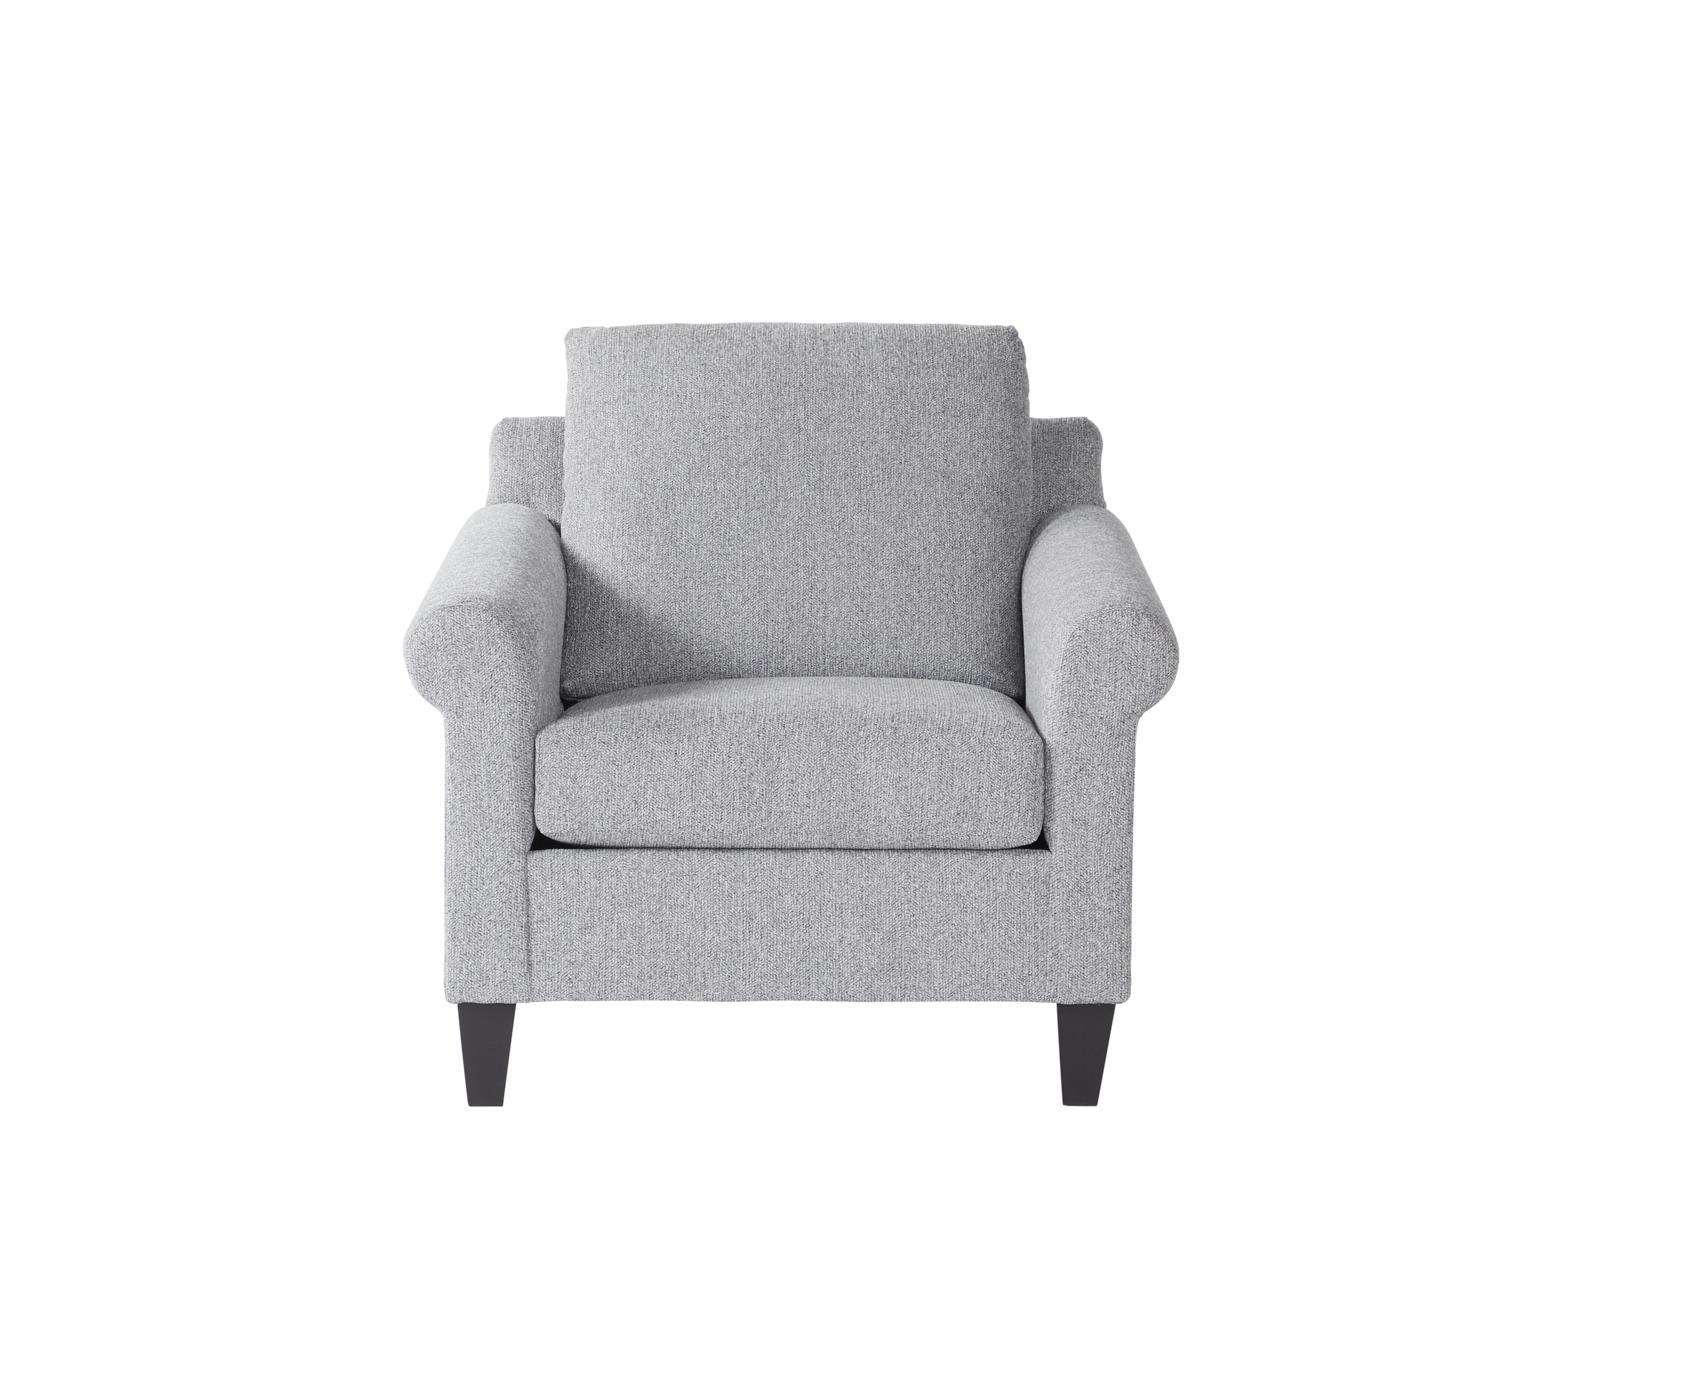 10650 Chair